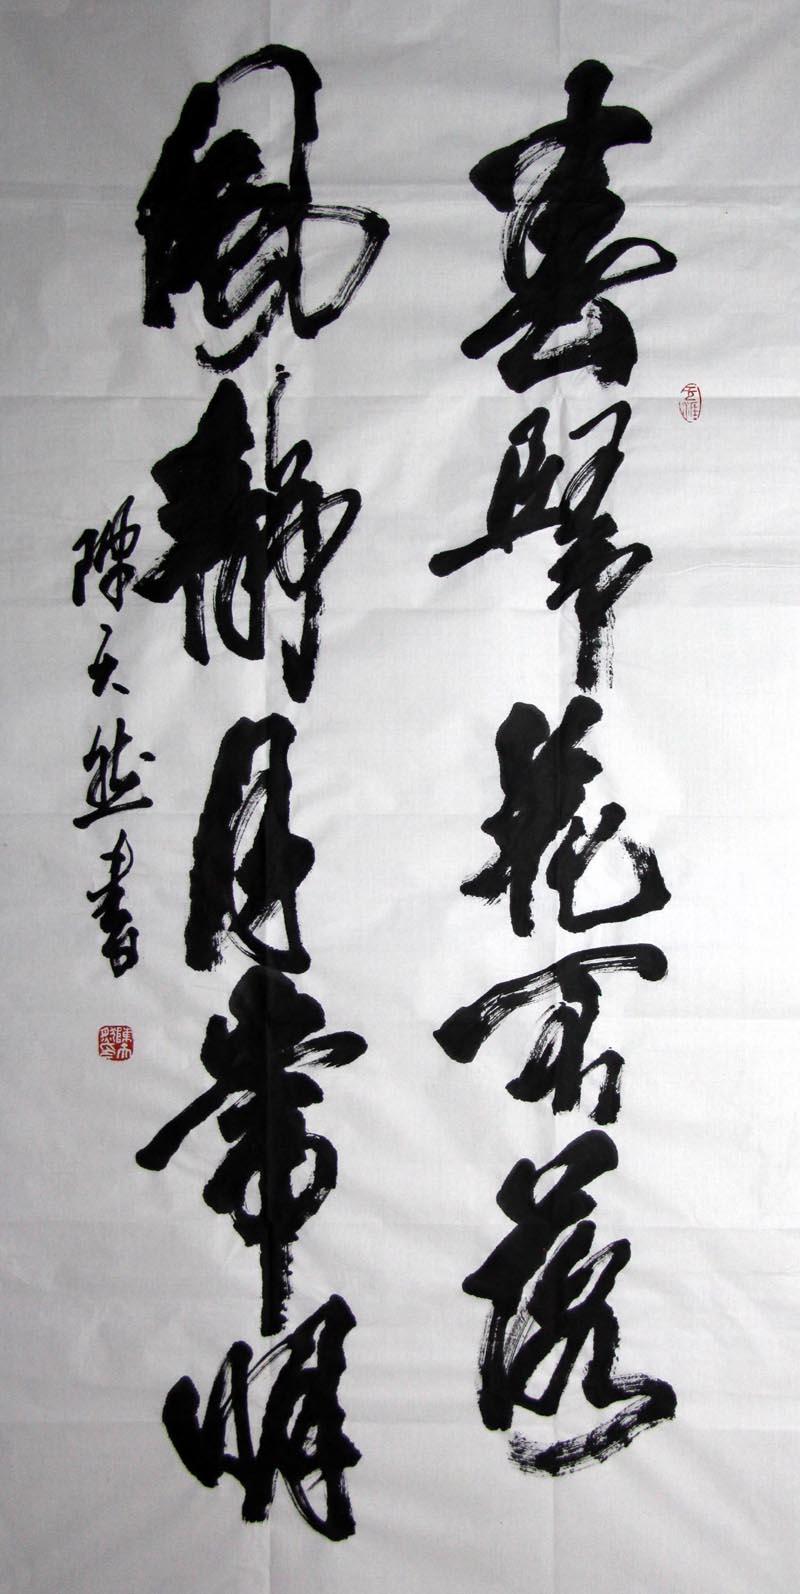 陈天然书画作品字画收藏欣赏bxl 书法_高仿字画网图片